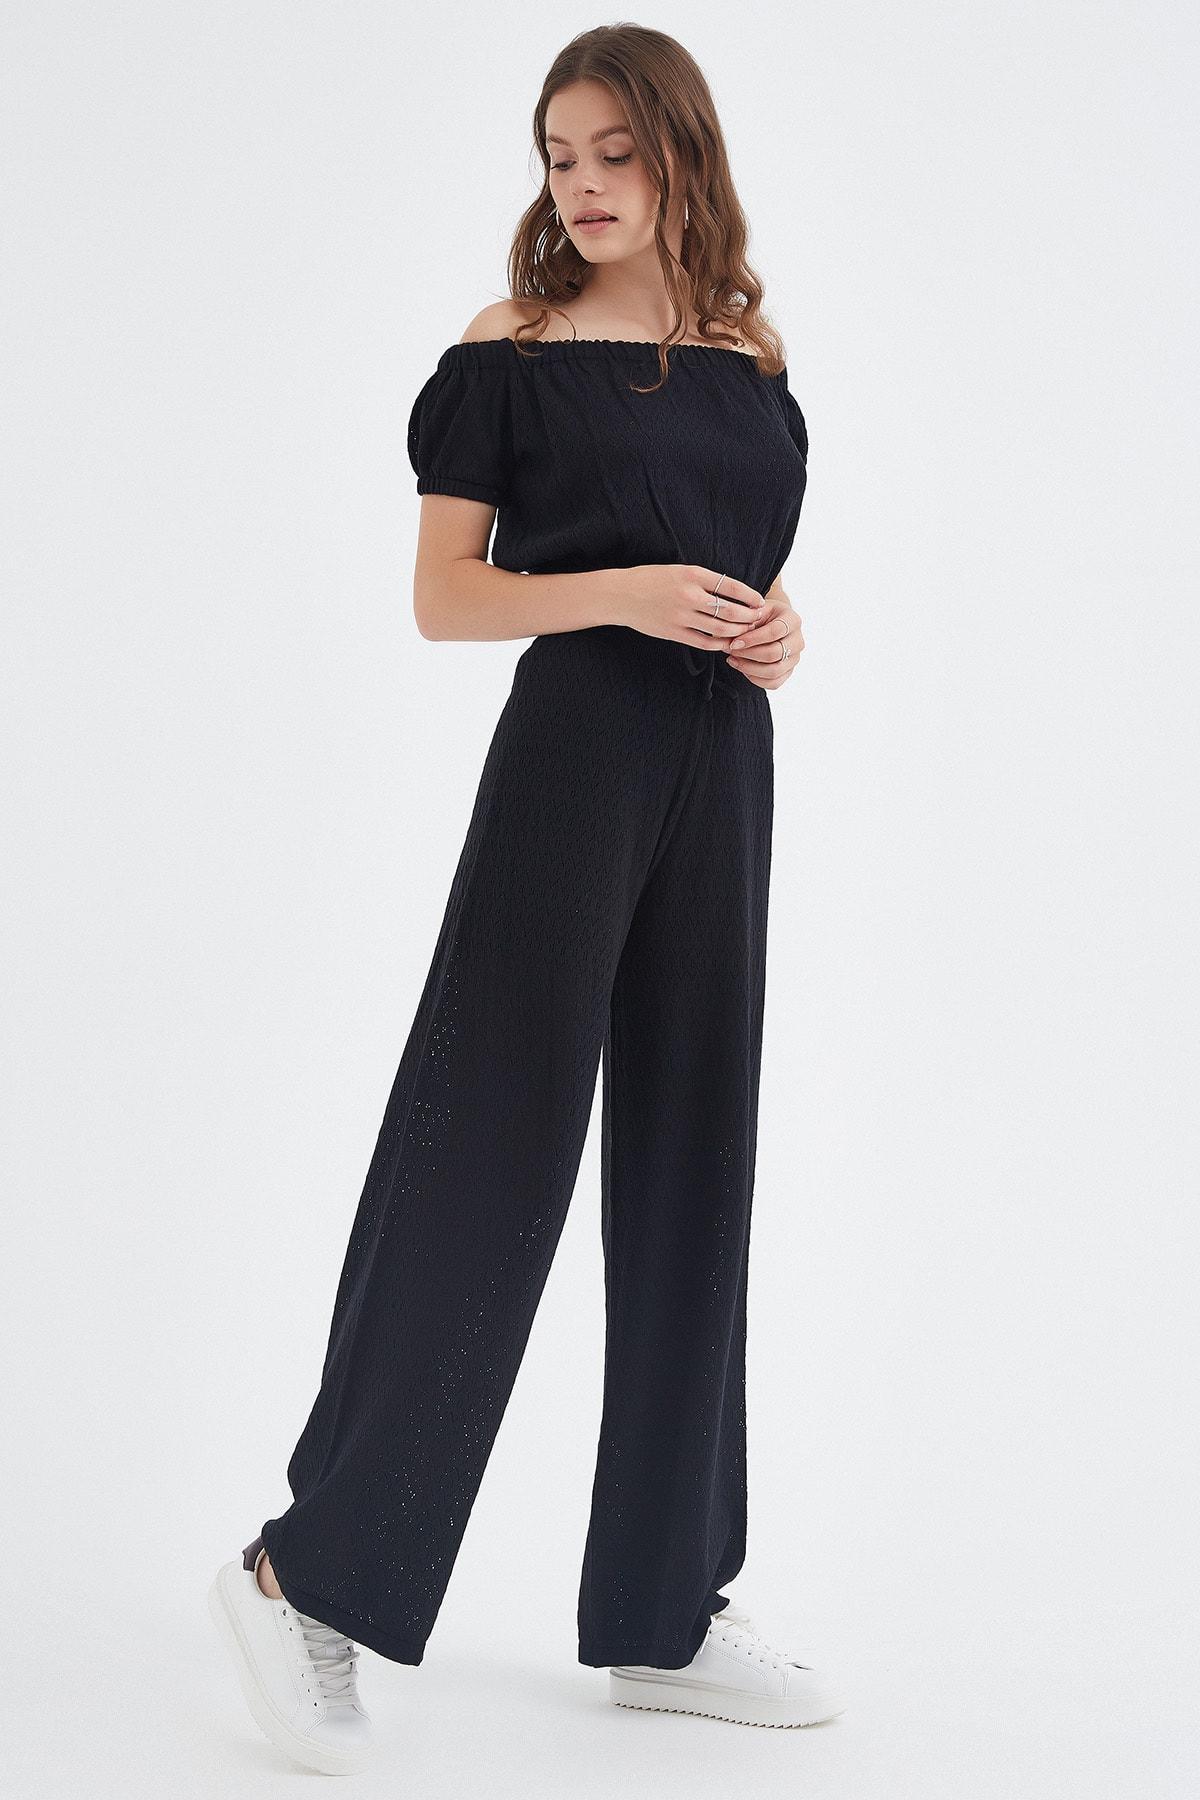 Nisan Triko Kadın Siyah Ajurlu Triko Pantolon 2